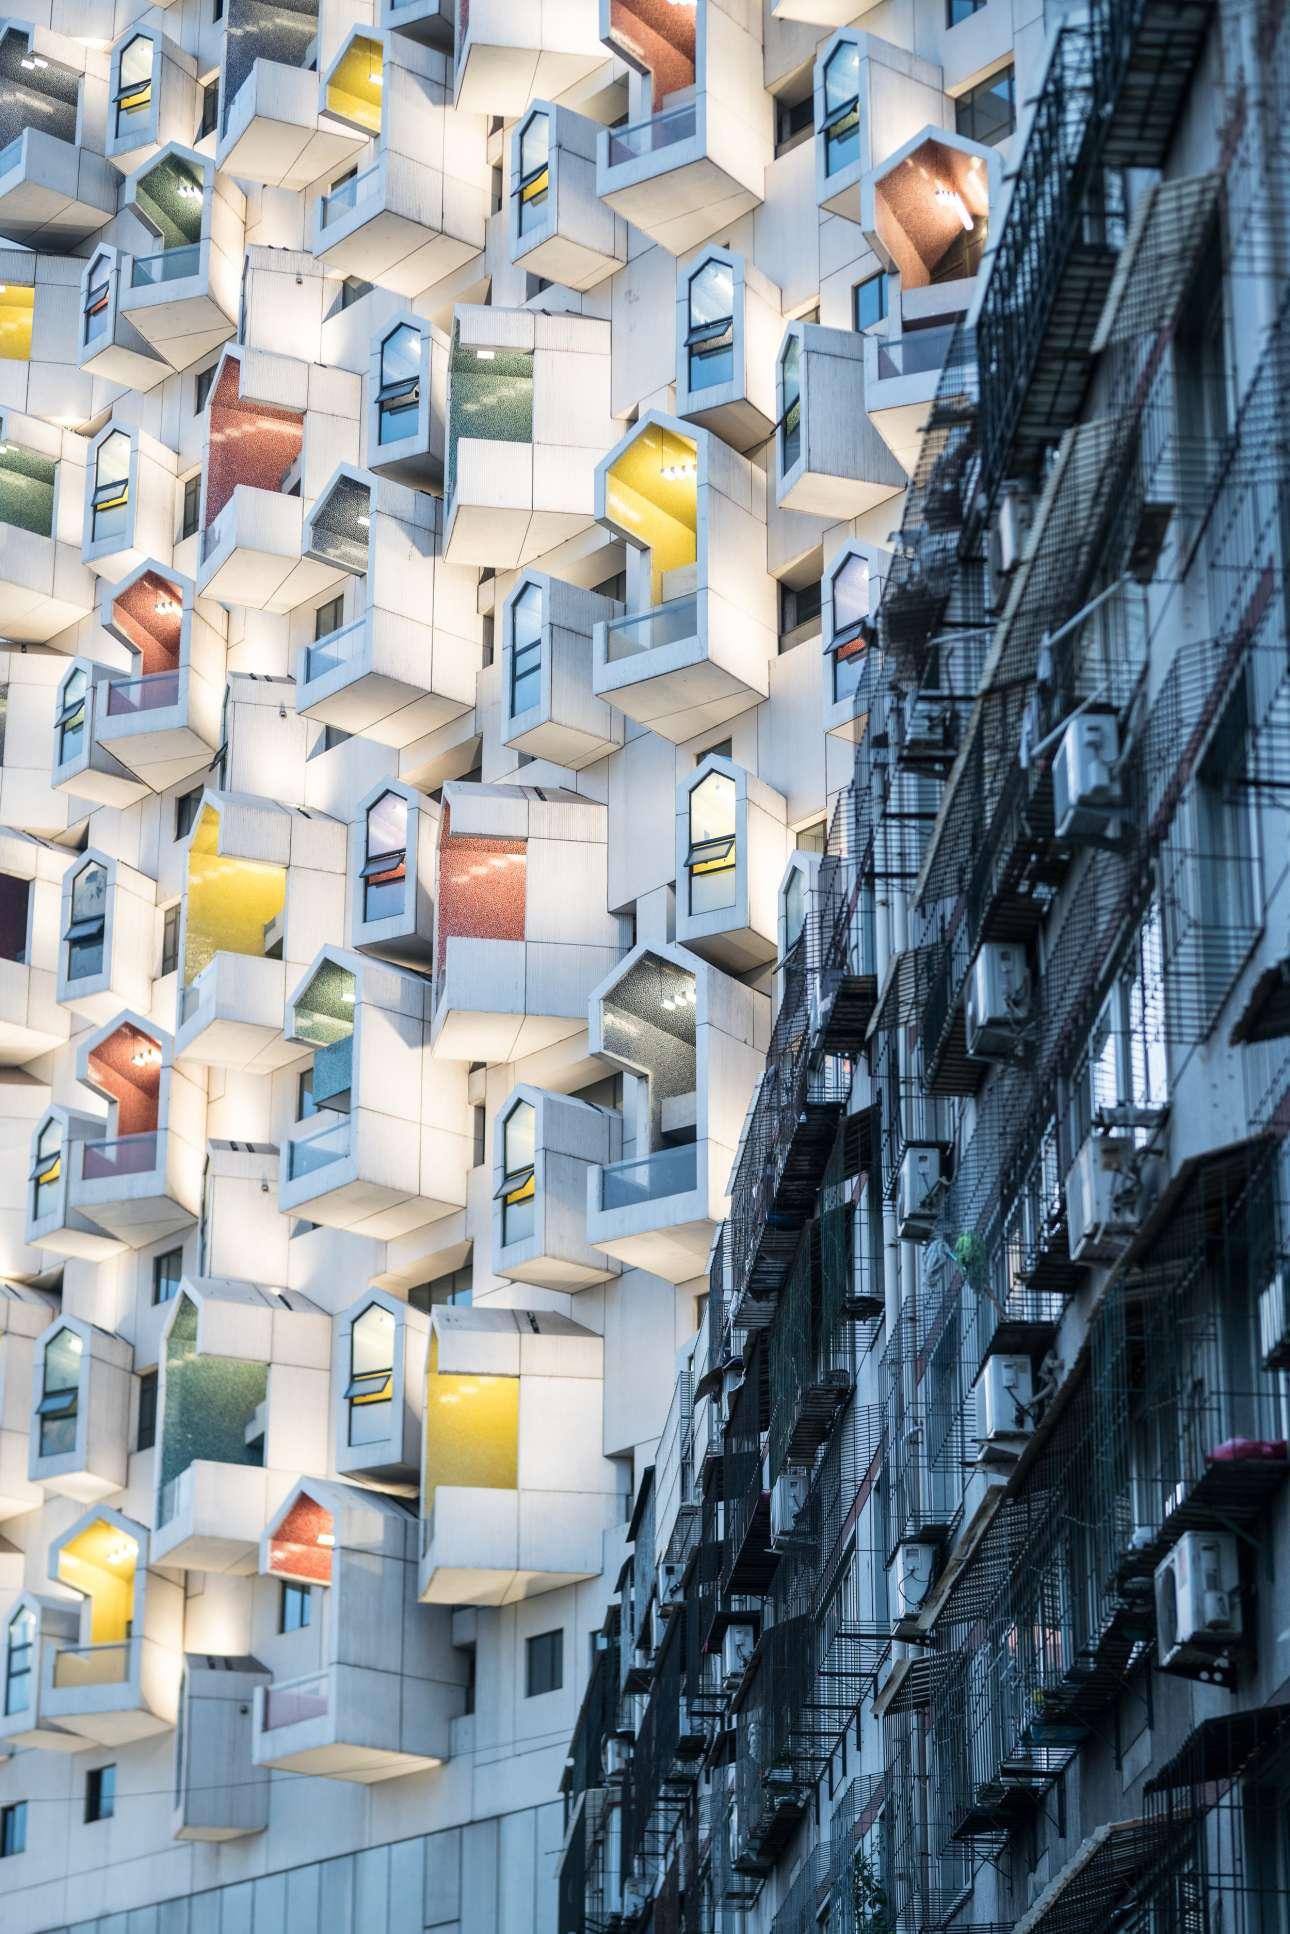 Μία «φωτογραφία των άκρων» που δείχνει την έντονη αντίθεση μεταξύ ενός νέου κτιρίου δίπλα σε μία παλιά, ετοιμόρροπη οικοδομή, στην κινεζική πόλη Τανγκσάν